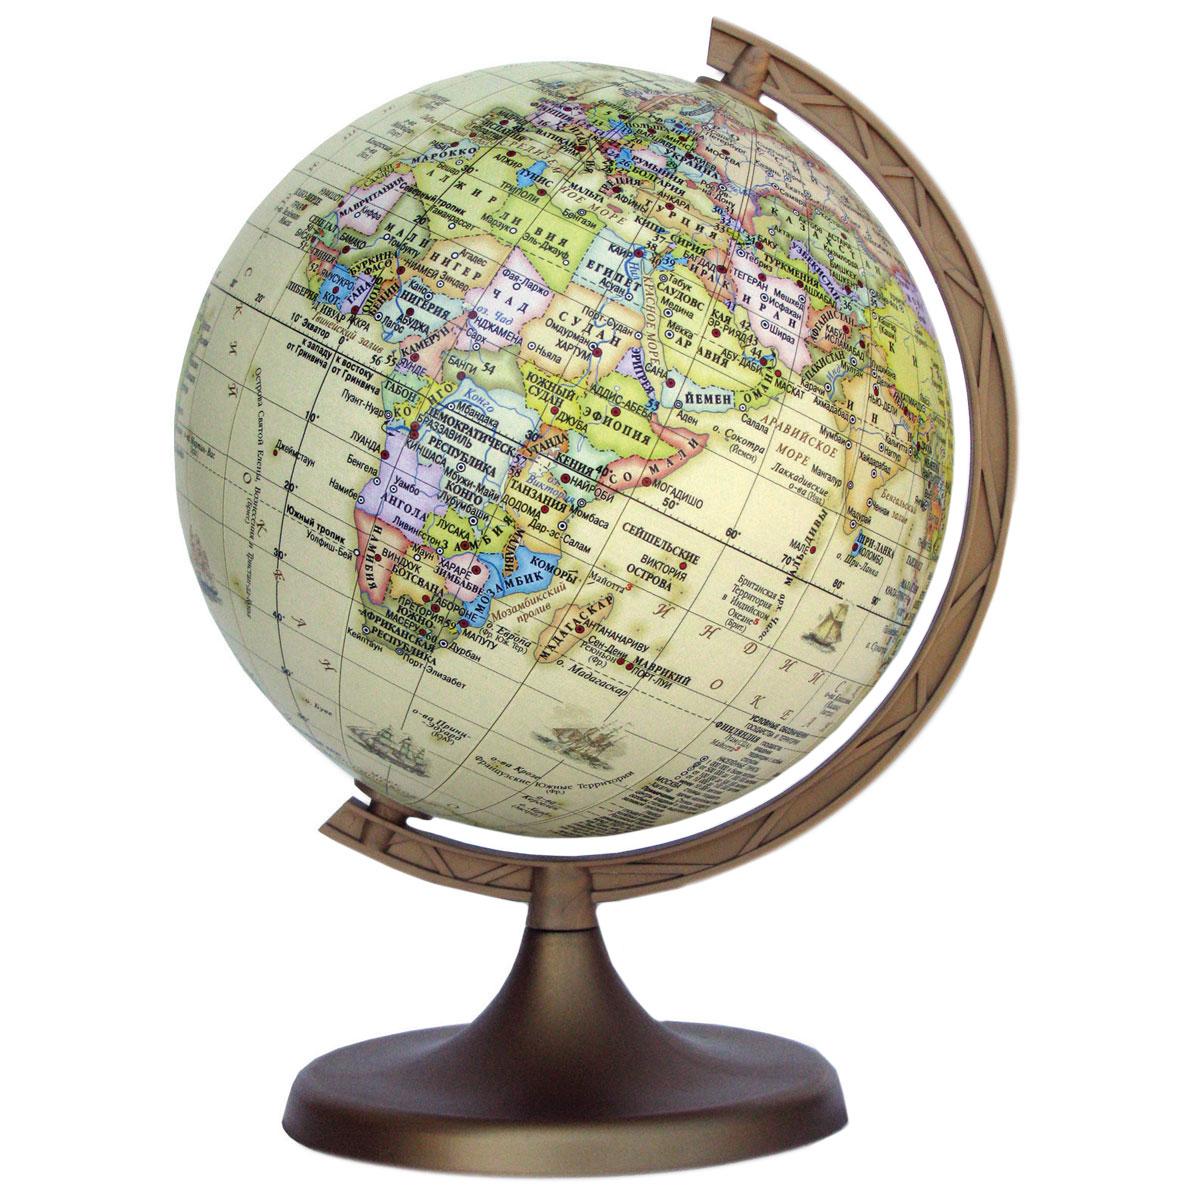 Глобус DMB Ретро, c политической картой мира, диаметр 11 см + Мини-энциклопедия Страны МираОСН1234029Политический глобус DMB Ретро, изготовленный из высококачественного прочного пластика, дает представление о политическом устройстве мира. Он напоминает глобусы, которые делали в старину, но с современными картами нынешней Земли. Как правило, карта таких глобусов является современной политической. Ретро глобусы очень популярны для домашнего и офисного оформления, потому что удачно вписываются в интерьер благодаря своему бежевому нежному цвету. Изделие расположено на подставке. Все страны мира раскрашены в разные цвета. На политическом глобусе показаны границы государств, столицы и крупные населенные пункты, а также картографические линии: параллели и меридианы, линия перемены дат. Названия стран на глобусе приведены на русском языке. Ничто так не обеспечивает всестороннего и детального изучения политического устройства мира в таком сжатом и объемном образе, как политический глобус. Сделайте первый шаг в стимулирование своего обучения! К глобусу...